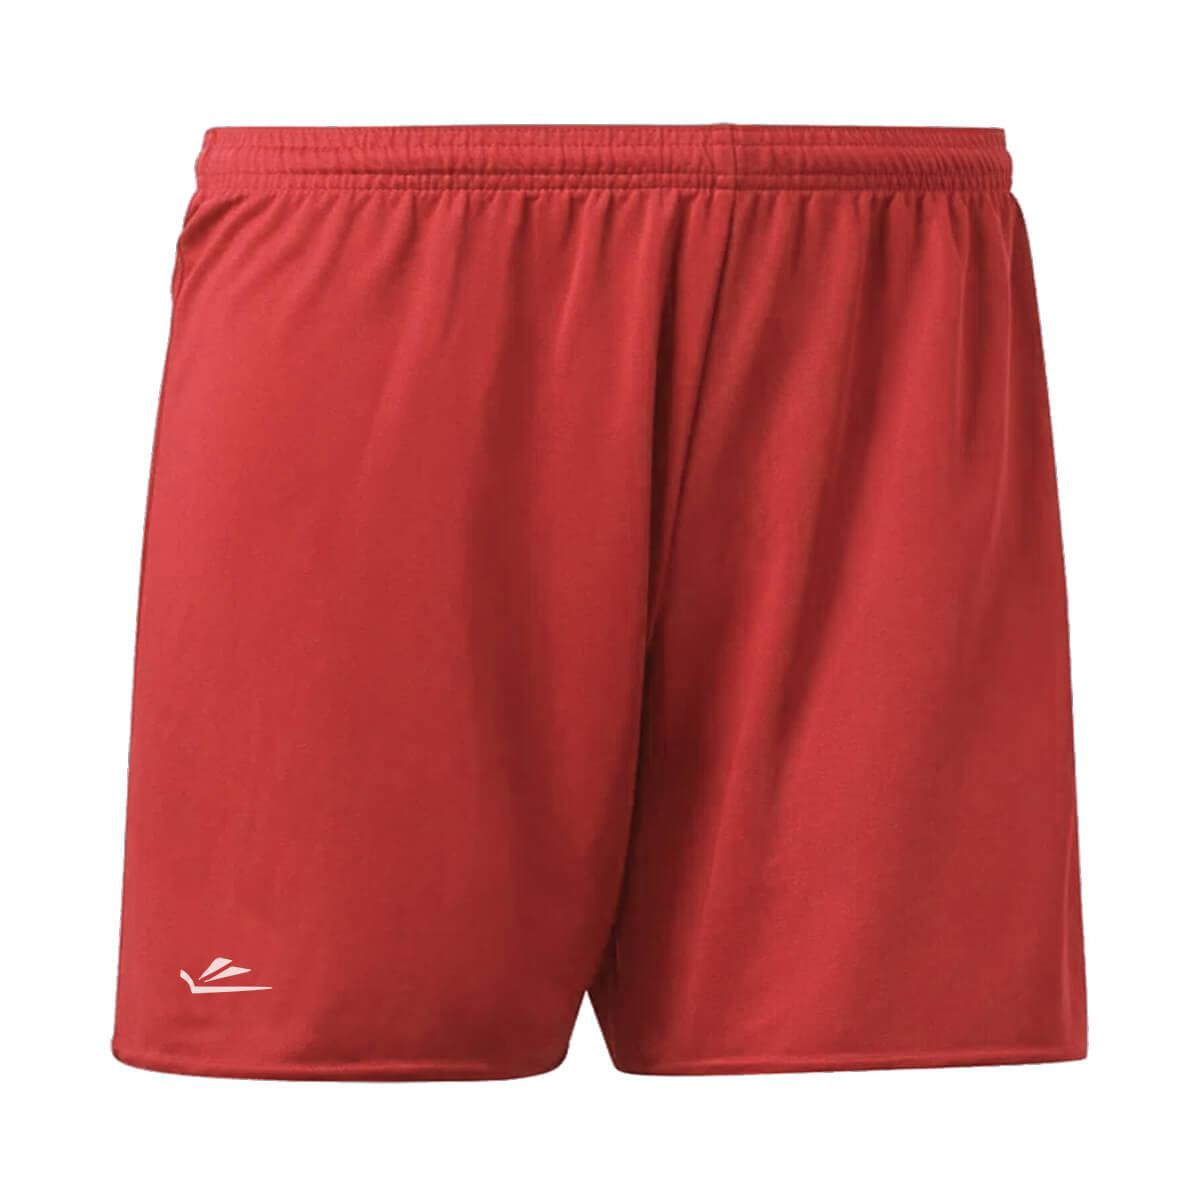 Calção de Futebol Básico Liso Plus Vermelho